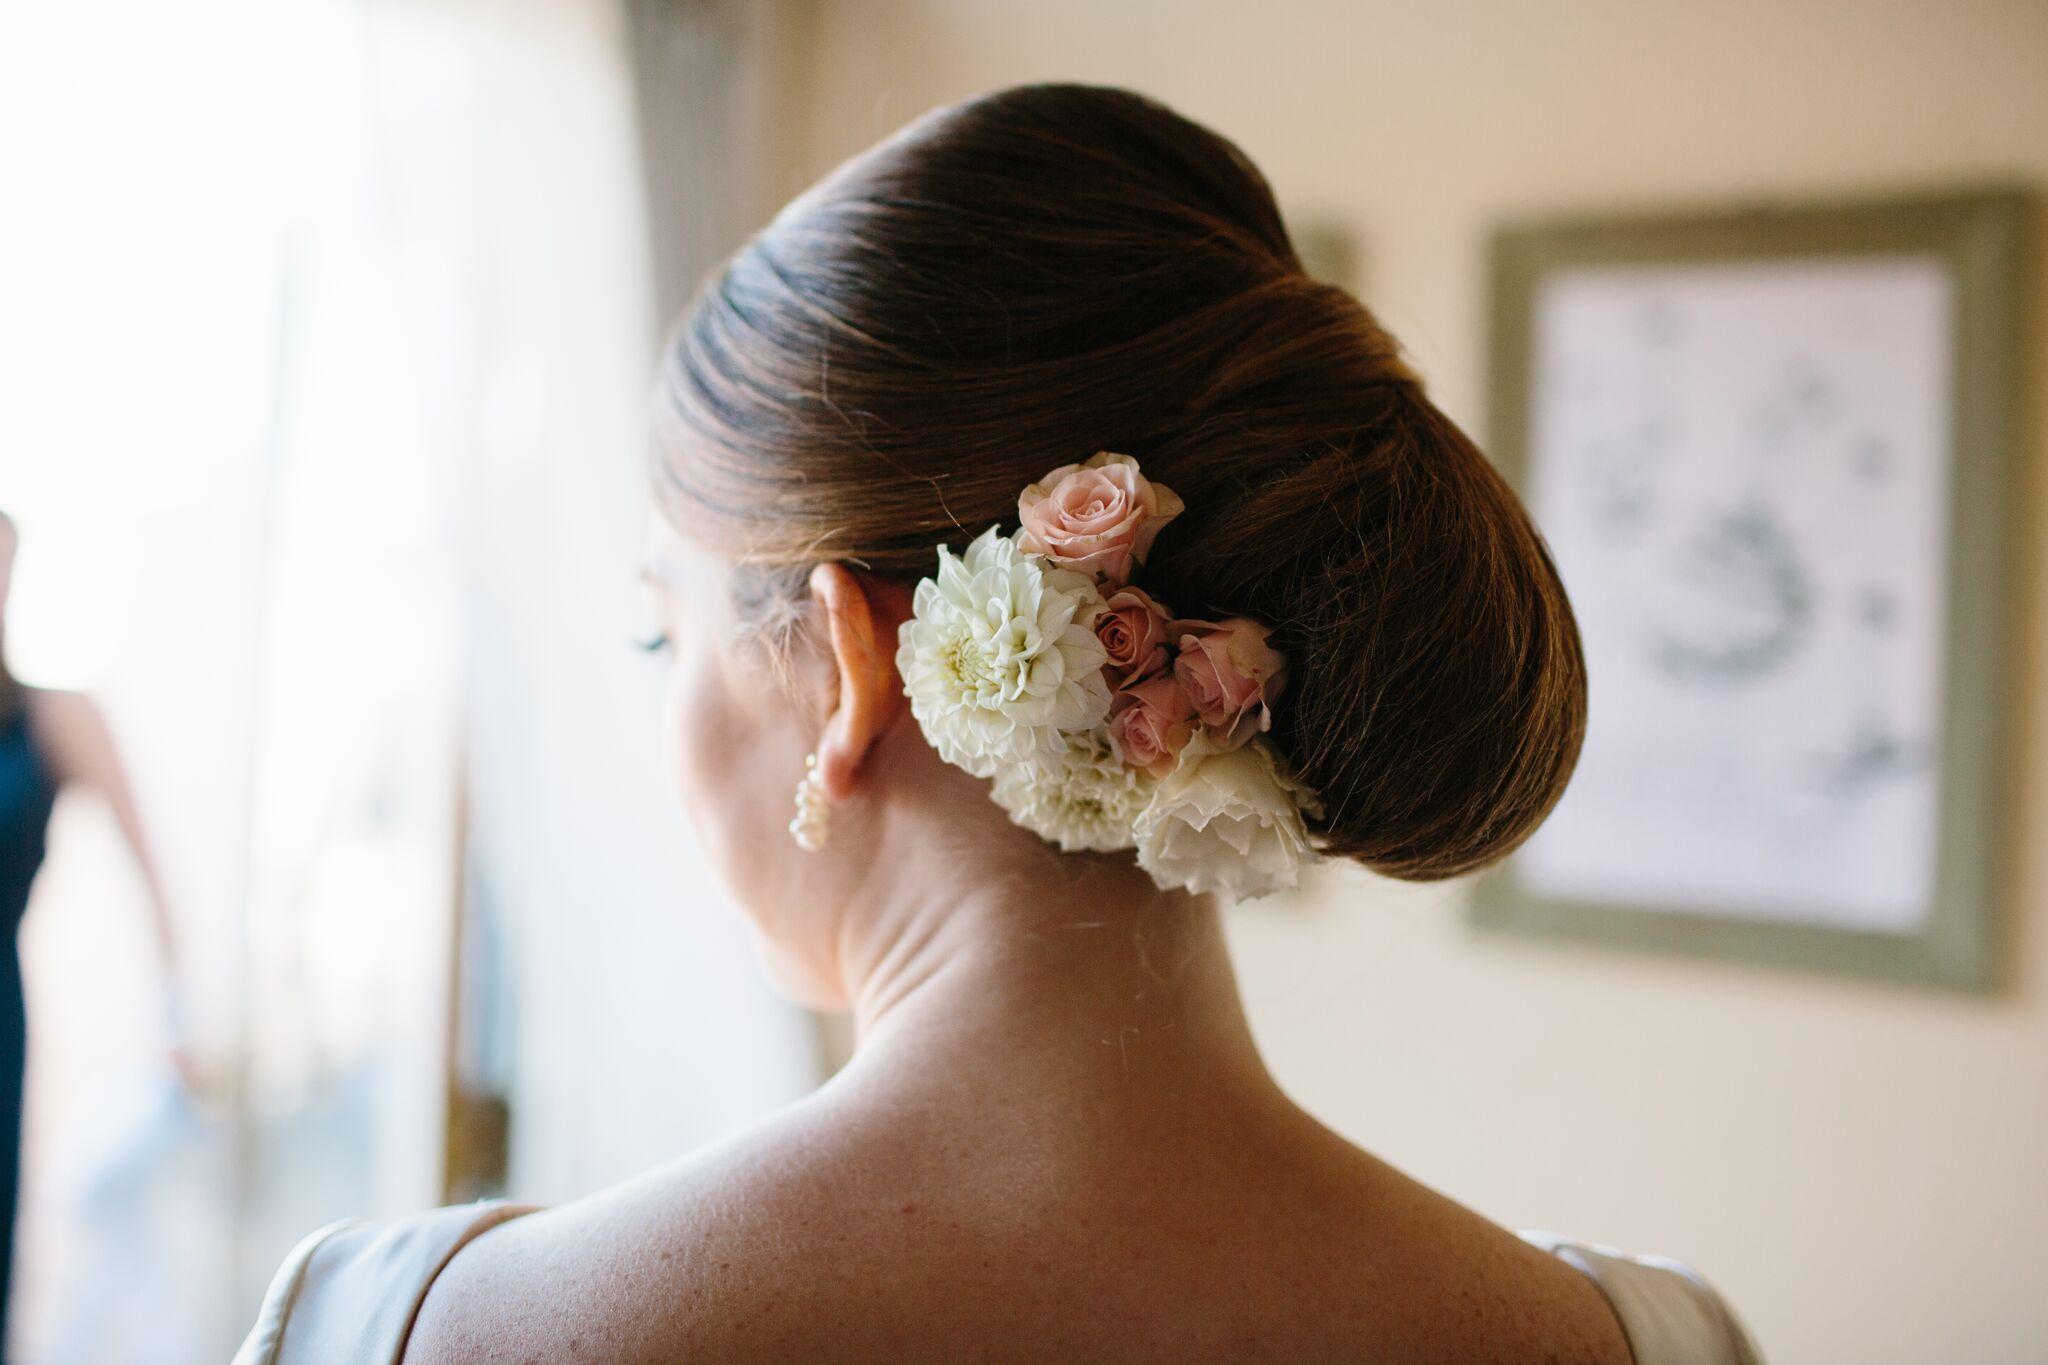 Summer bride bridal makeup ideas bridal hair ideas bride hair